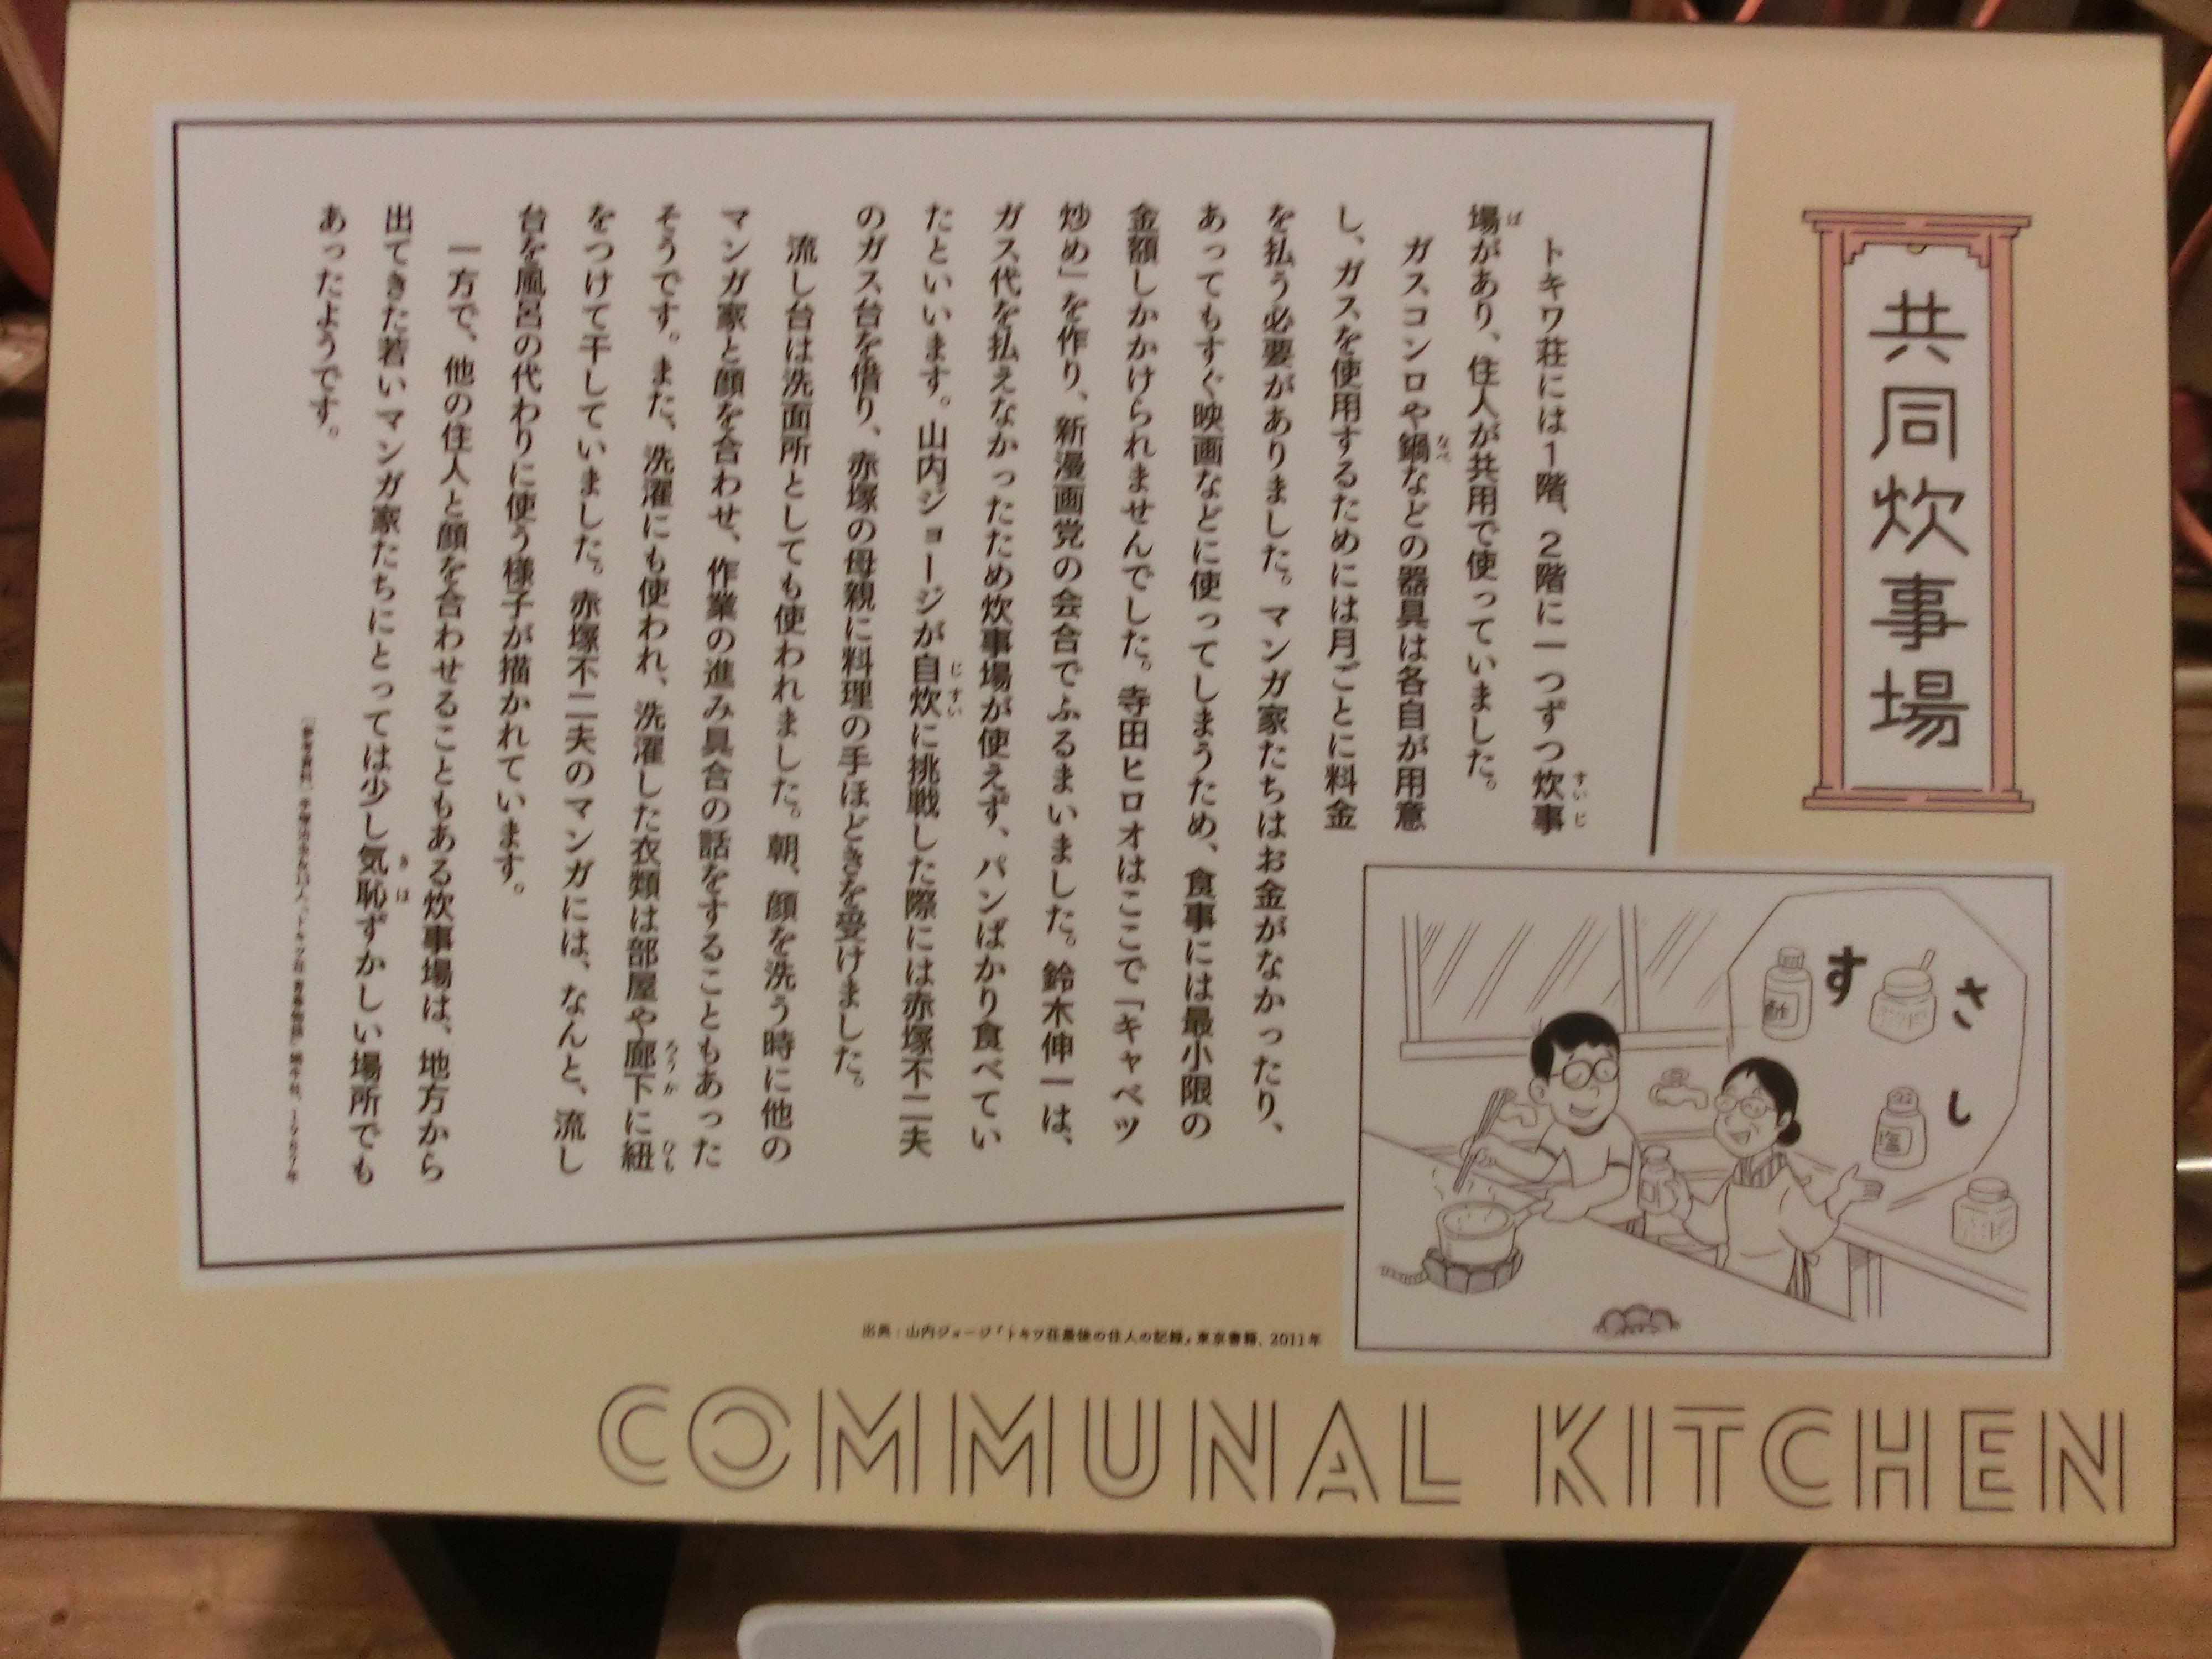 トキワ荘 共同炊事場2 ふるいち記事